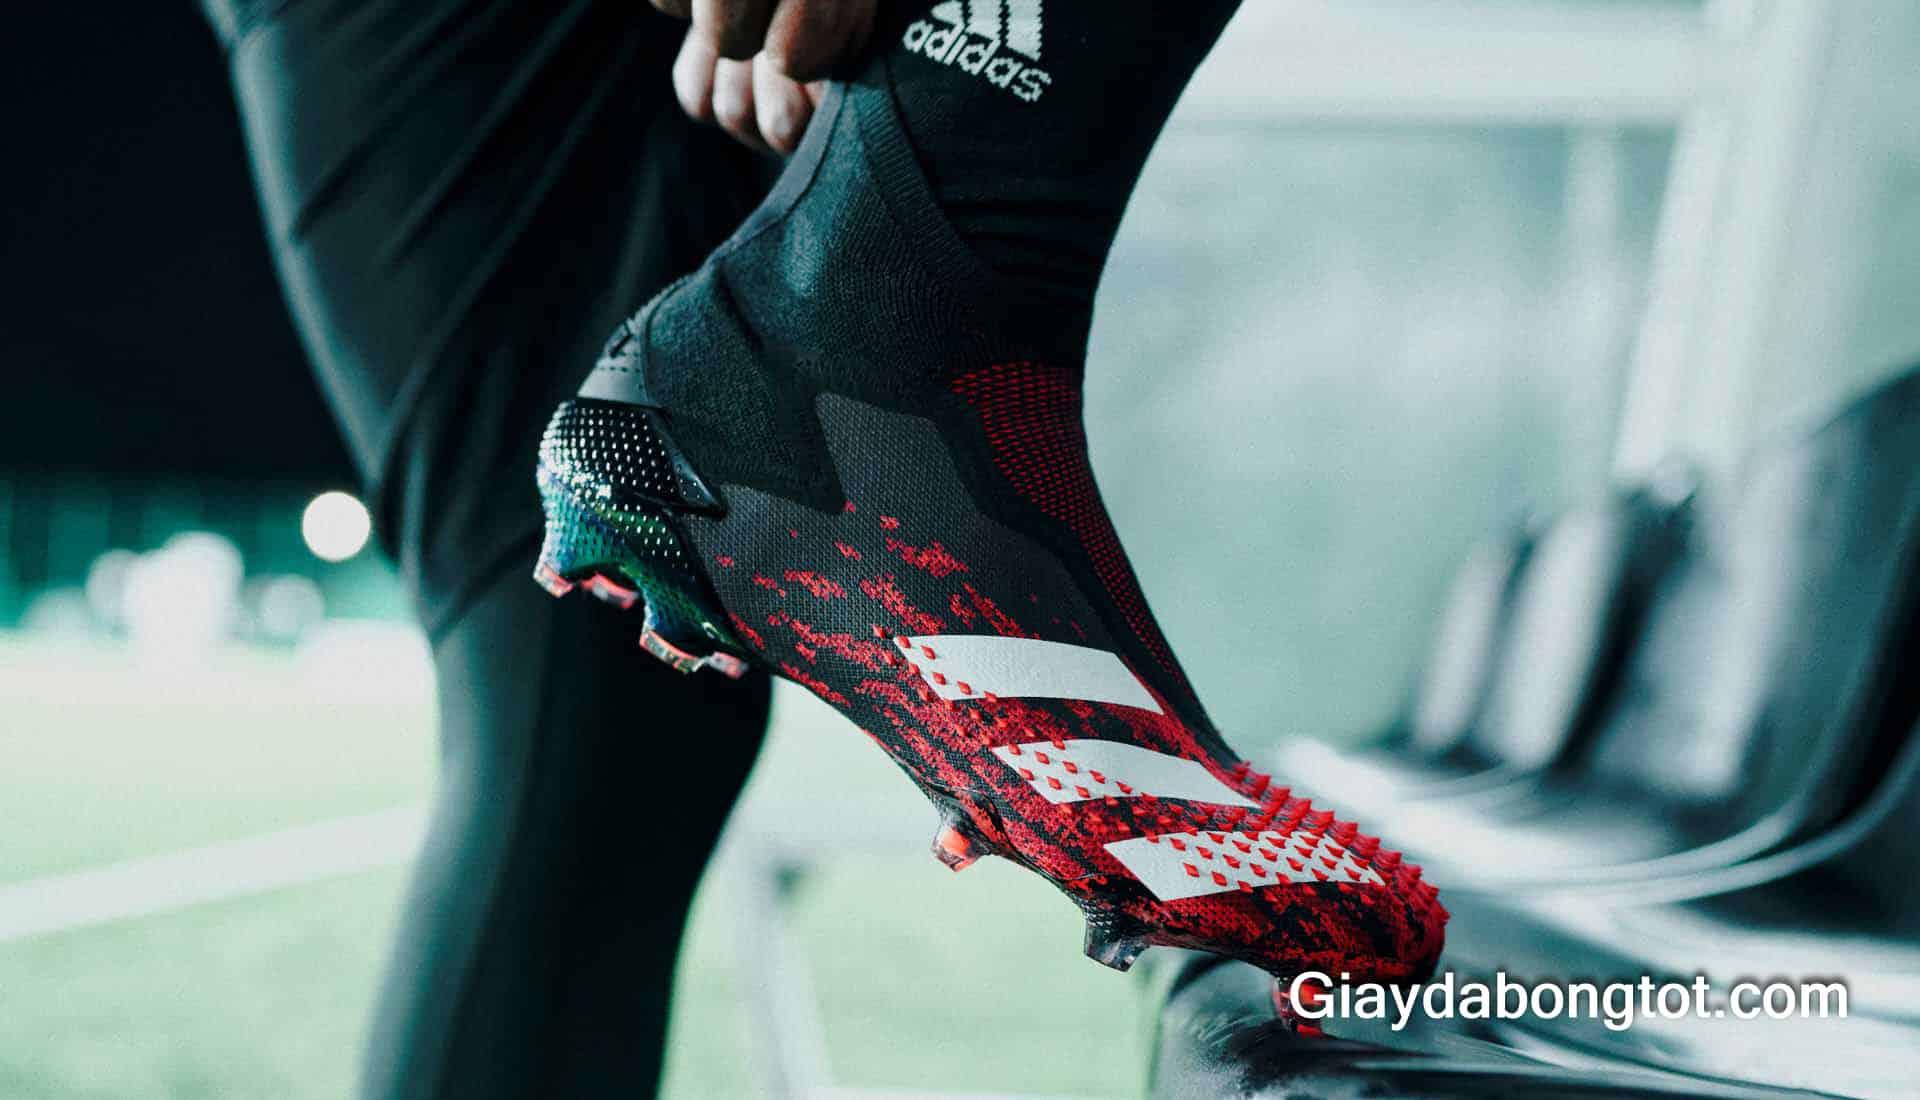 Adidas Predator 20+ là một mẫu giày bóng đá cực kỳ hot trong năm 2020